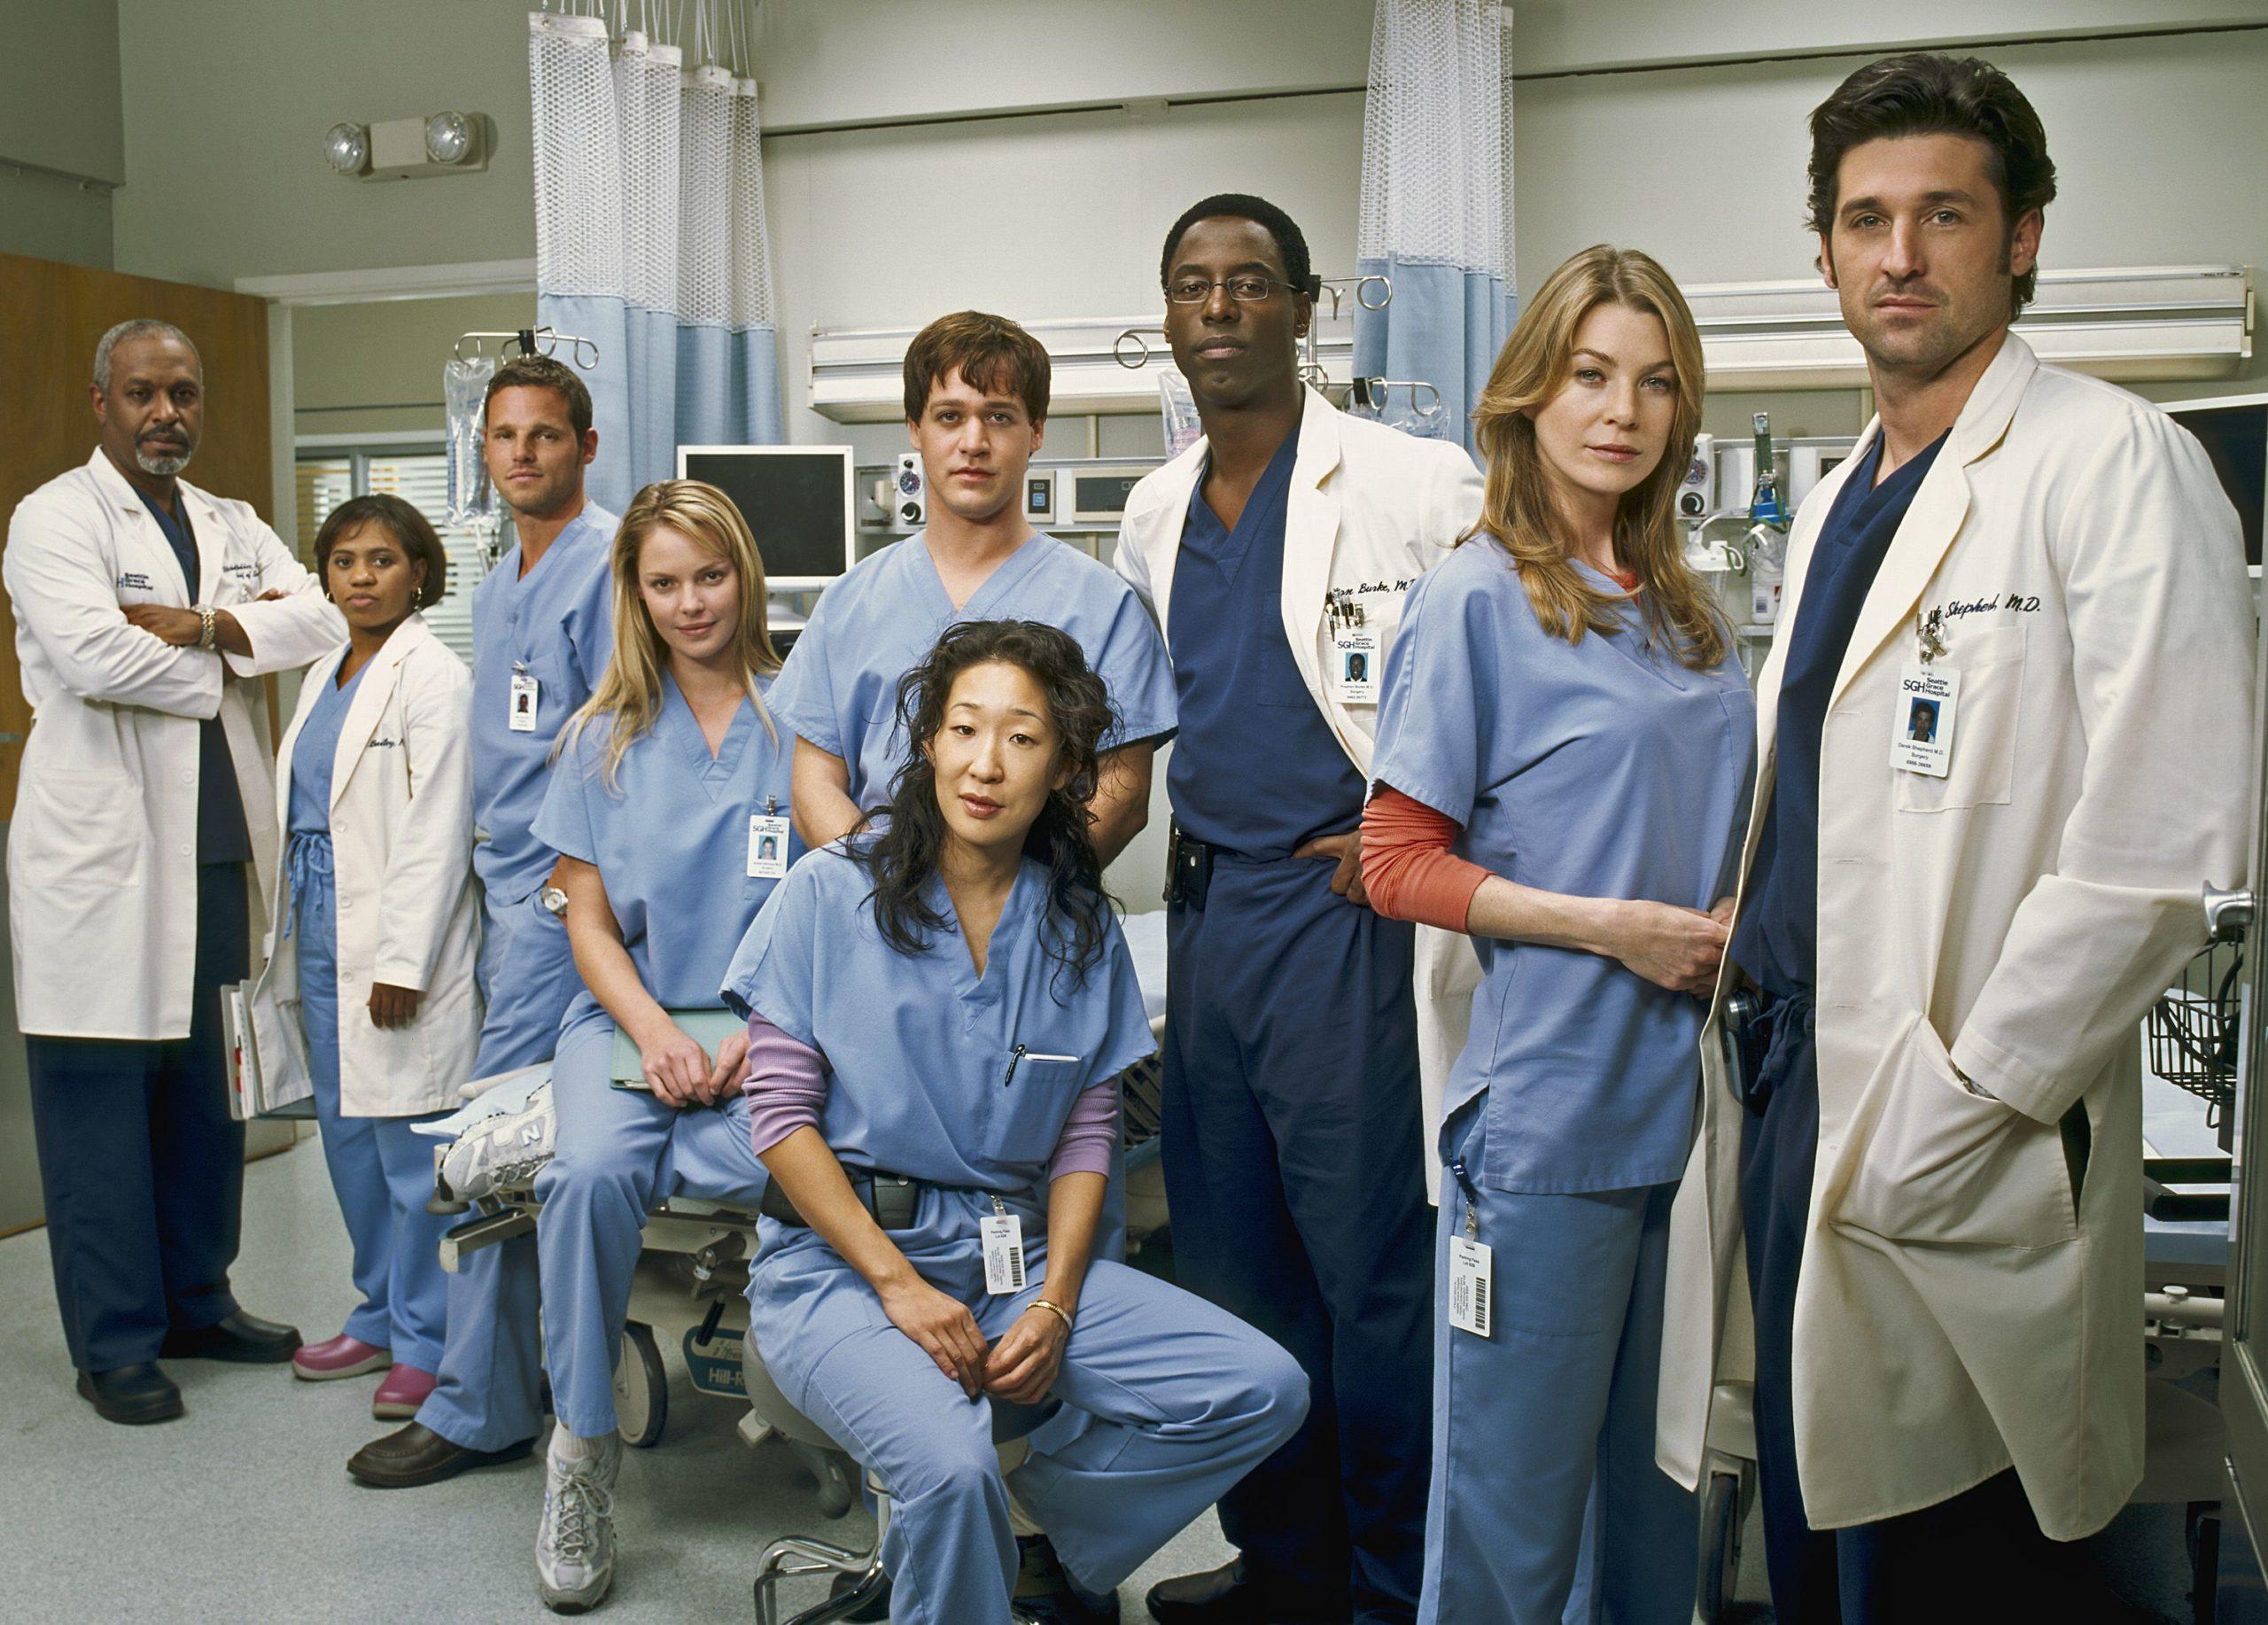 Imagem da série Grey's Anatomy. Na imagem, da direita para a esquerda, um homem branco de cabelos pretos usando uma roupa hospitalar azul escura e jaleco de médico branco. Ao seu lado, uma mulher branca loira usando uma roupa hospitalar azul clara e, por baixo, uma blusa de manga comprida laranja. Seguindo, há um homem negro, de cabelos pretos, usando uma roupa hospitalar azul escura e jaleco branco de médico. A sua frente, sentada em um banco, está uma mulher branca de cabelos pretos usando uma roupa hospitalar azul clara. Depois, um homem branco de cabelos castanhos, usa a mesma roupa azul clara hospitalar, assim como uma mulher branca loira ao seu lado, que também está sentada, agora em uma maca de hospital. Seguinte, um homem branco, de cabelos castanhos, usando a roupa azul clara hospitalar e uma mulher negra, de cabelos pretos, usando a roupa azul clara hospitalar e um jaleco branco de médico, ela ainda segura uma prancheta na mão direita. Por fim, um homem negro, de cabelos pretos, usando roupas hospitalares azul escura e o jaleco branco de médico. Ao fundo, podemos ver macas de hospital e cortinas.